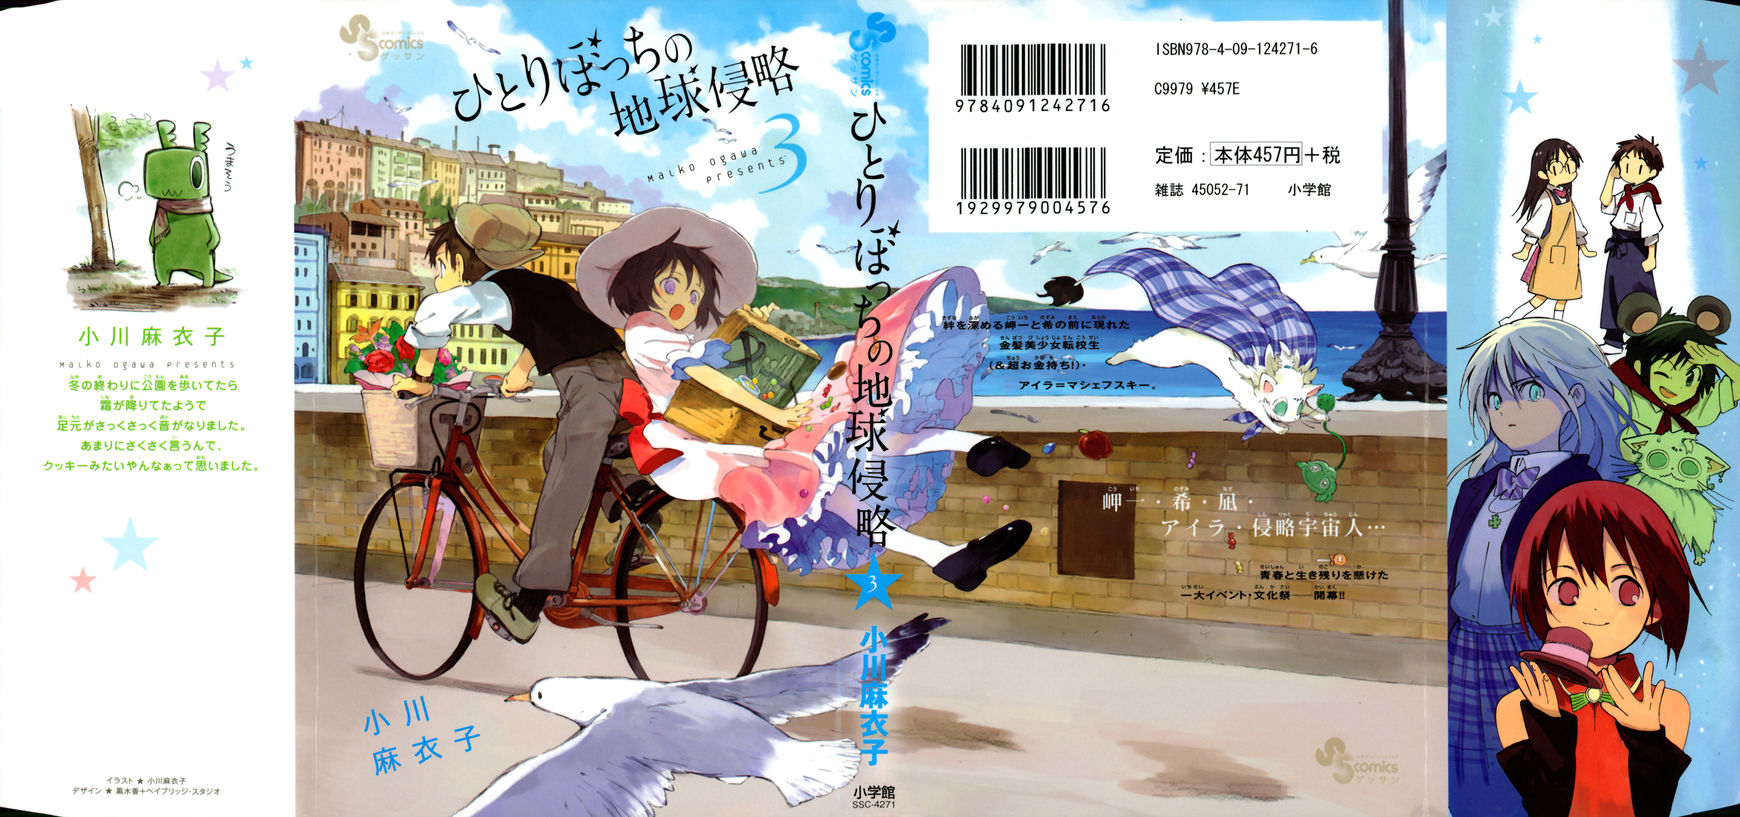 Hitoribocchi no Chikyuu Shinryaku 10 Page 1